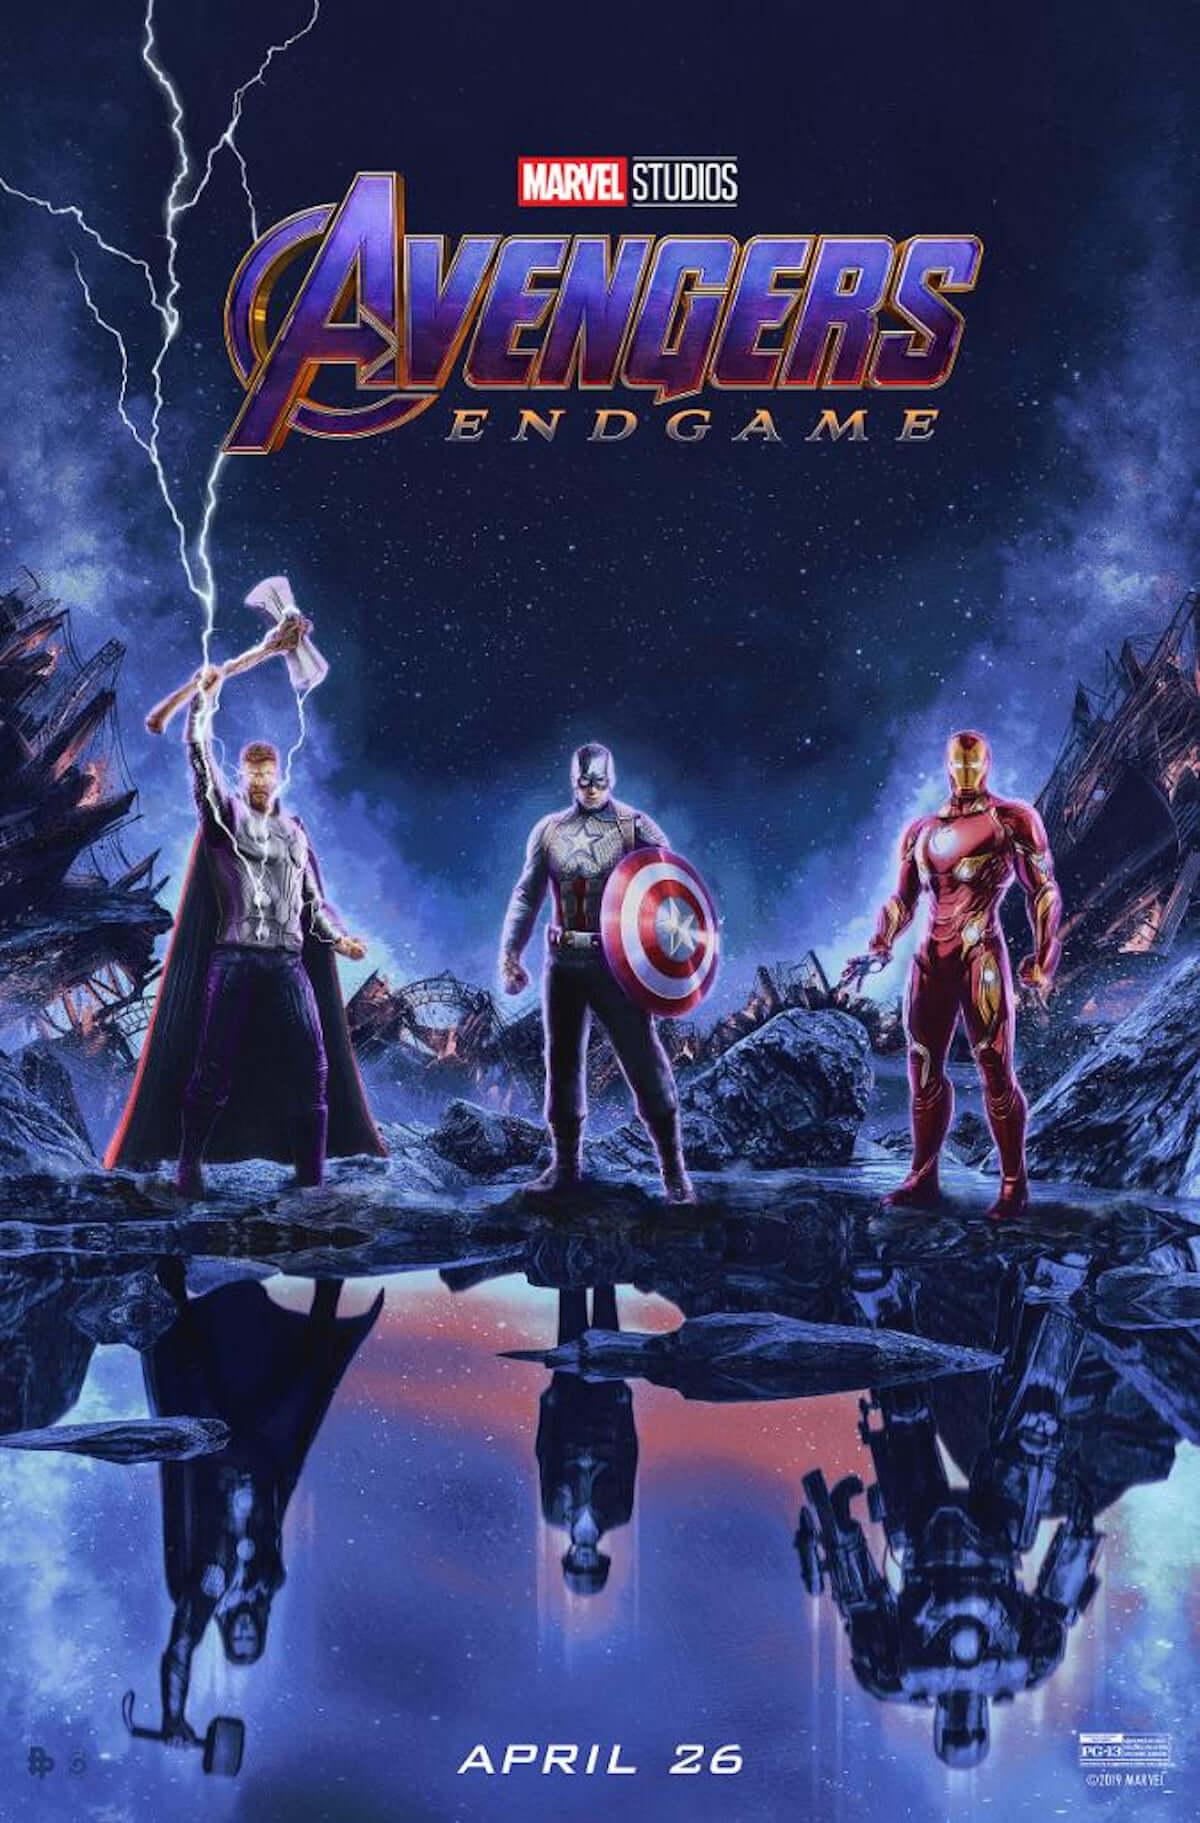 ついに公開前最後の予告編&特別ポスターが解禁『アベンジャーズ/エンドゲーム』4月26日公開! film190417_avengers_endgame_1-1200x1823